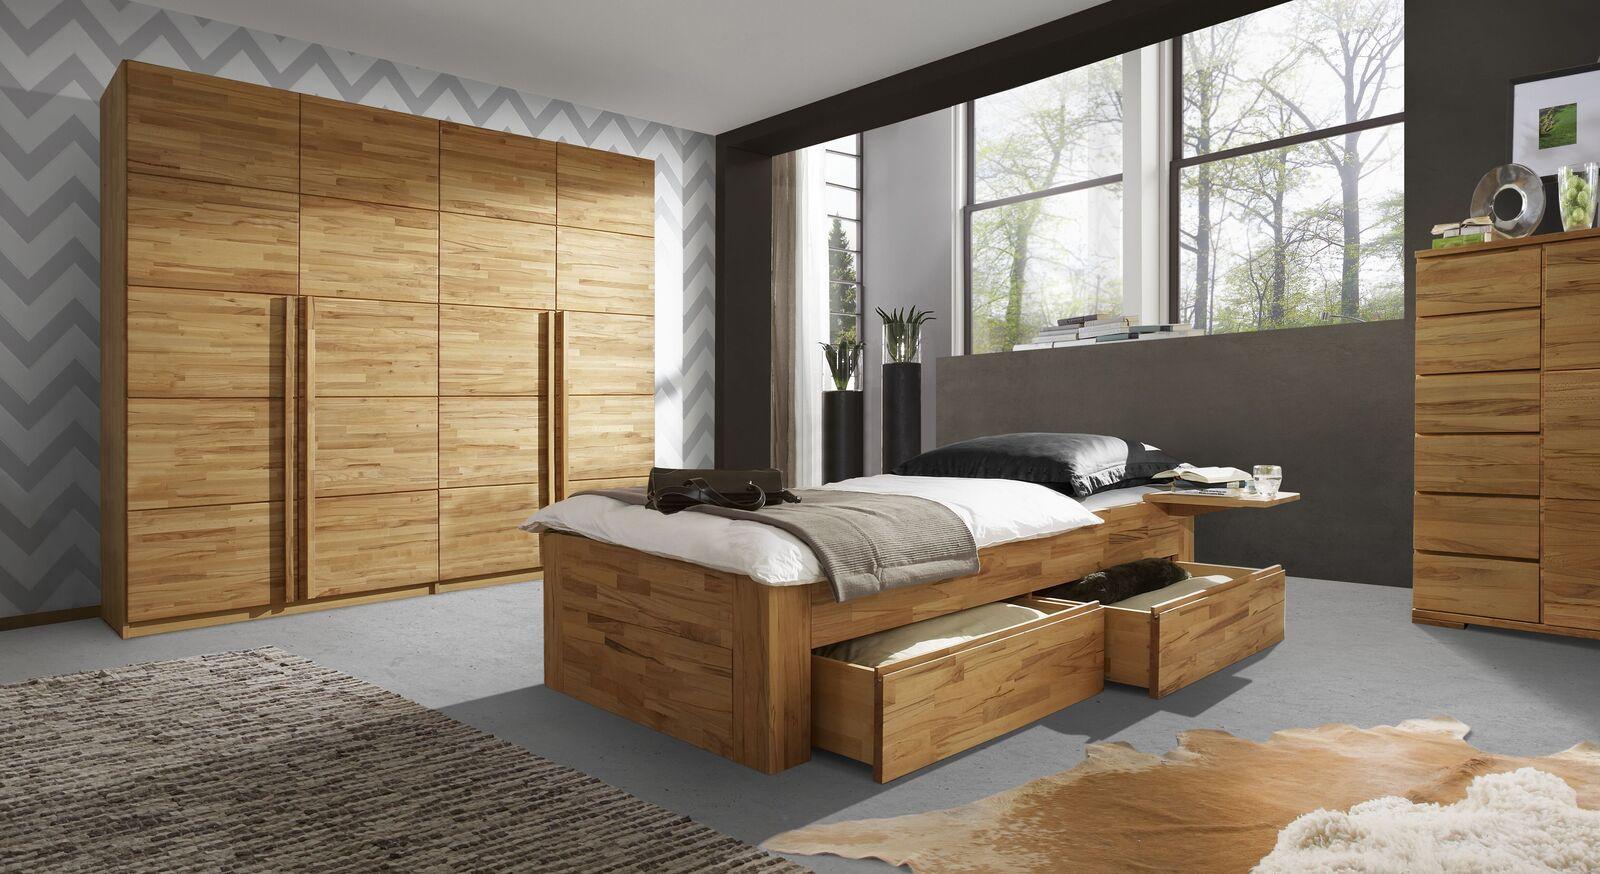 Schubkasten-Einzelliege Andalucia frei im Raum platzierbar